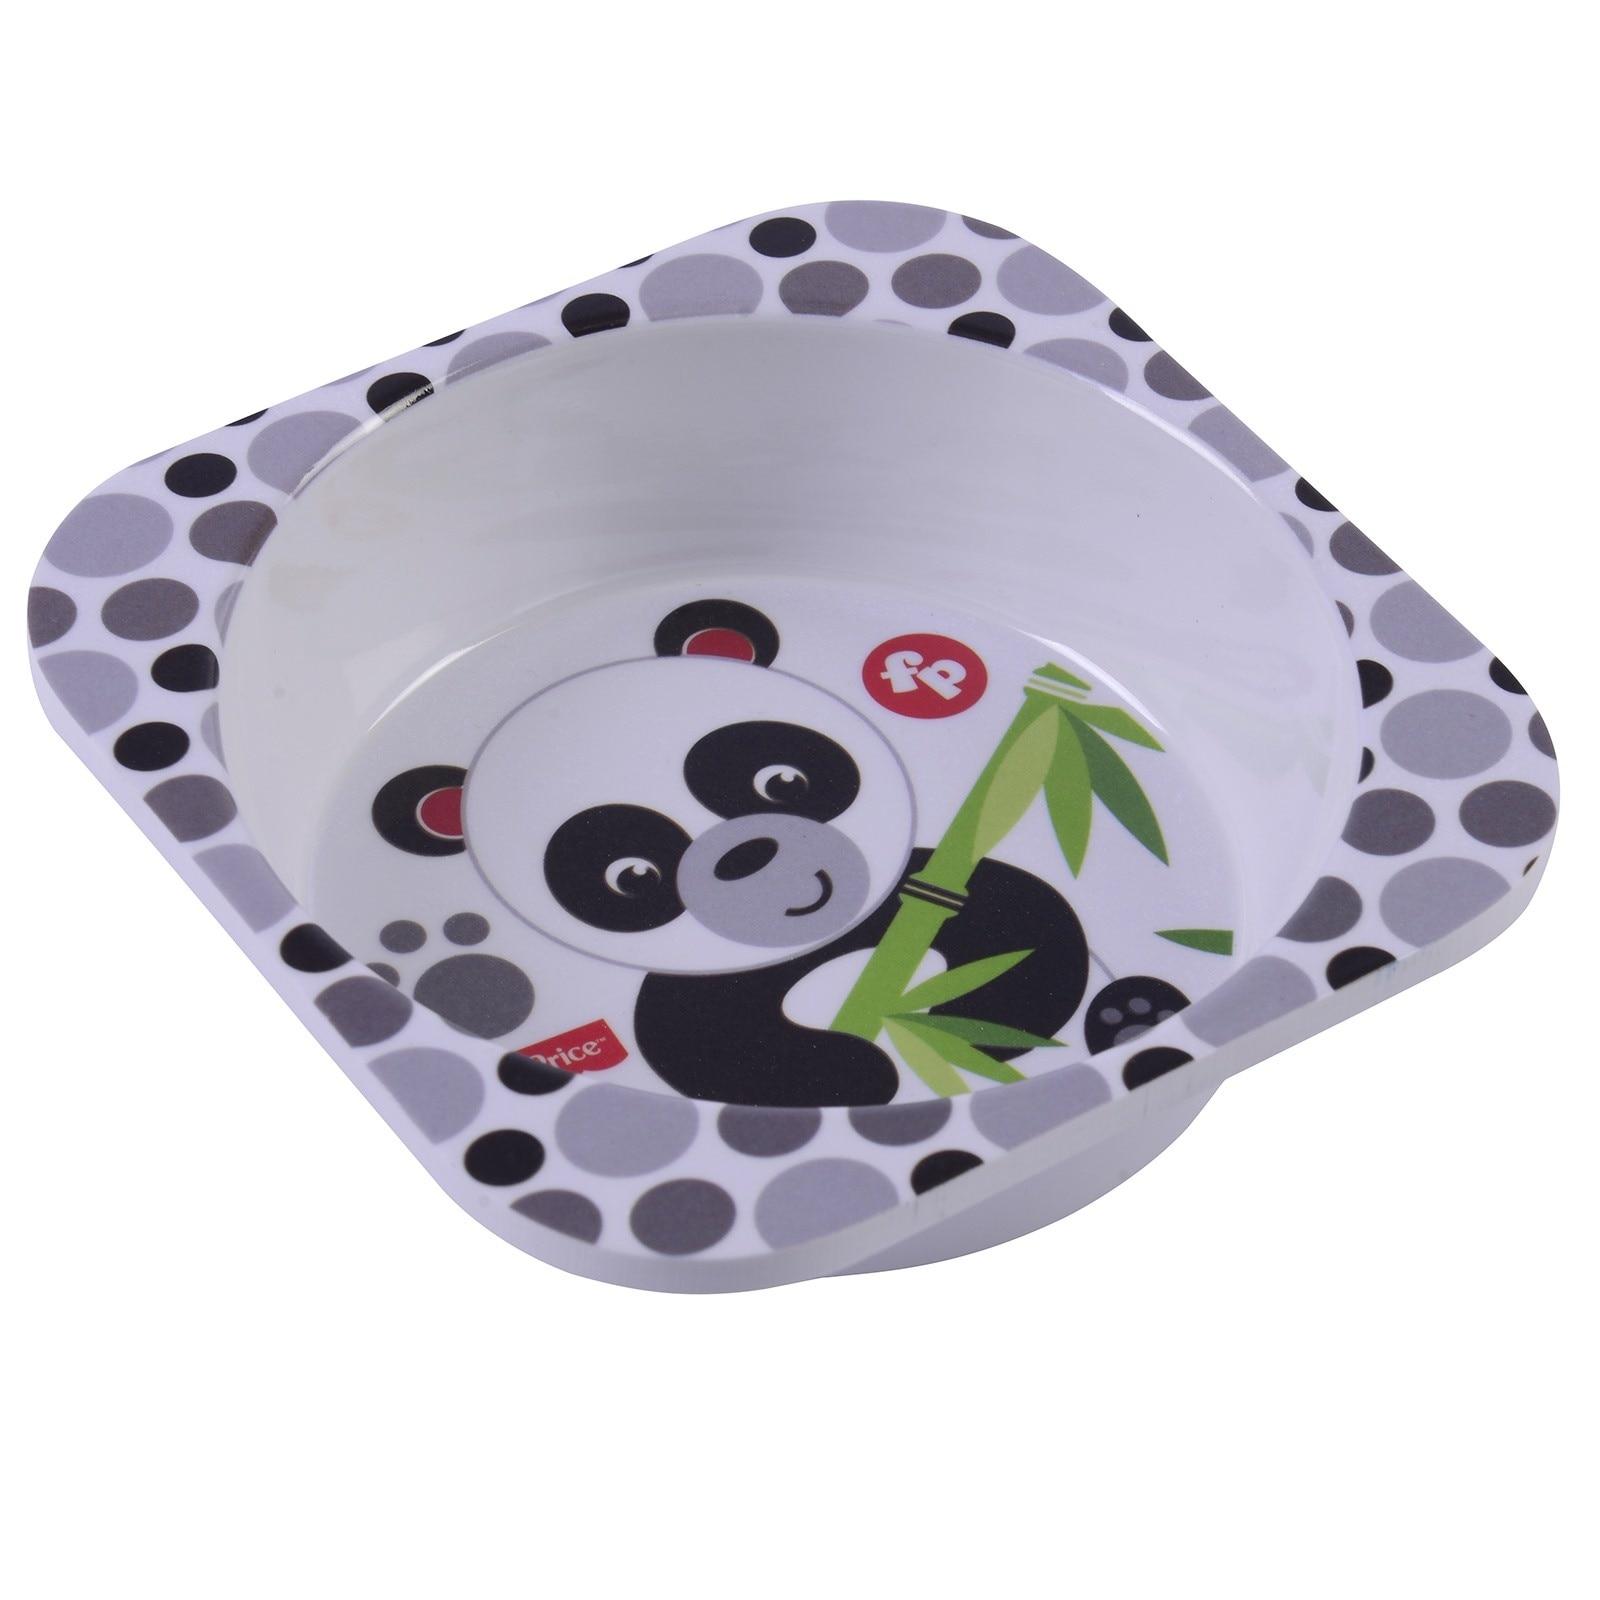 Ebebek Fisher Price Panda Baby Food Bowl